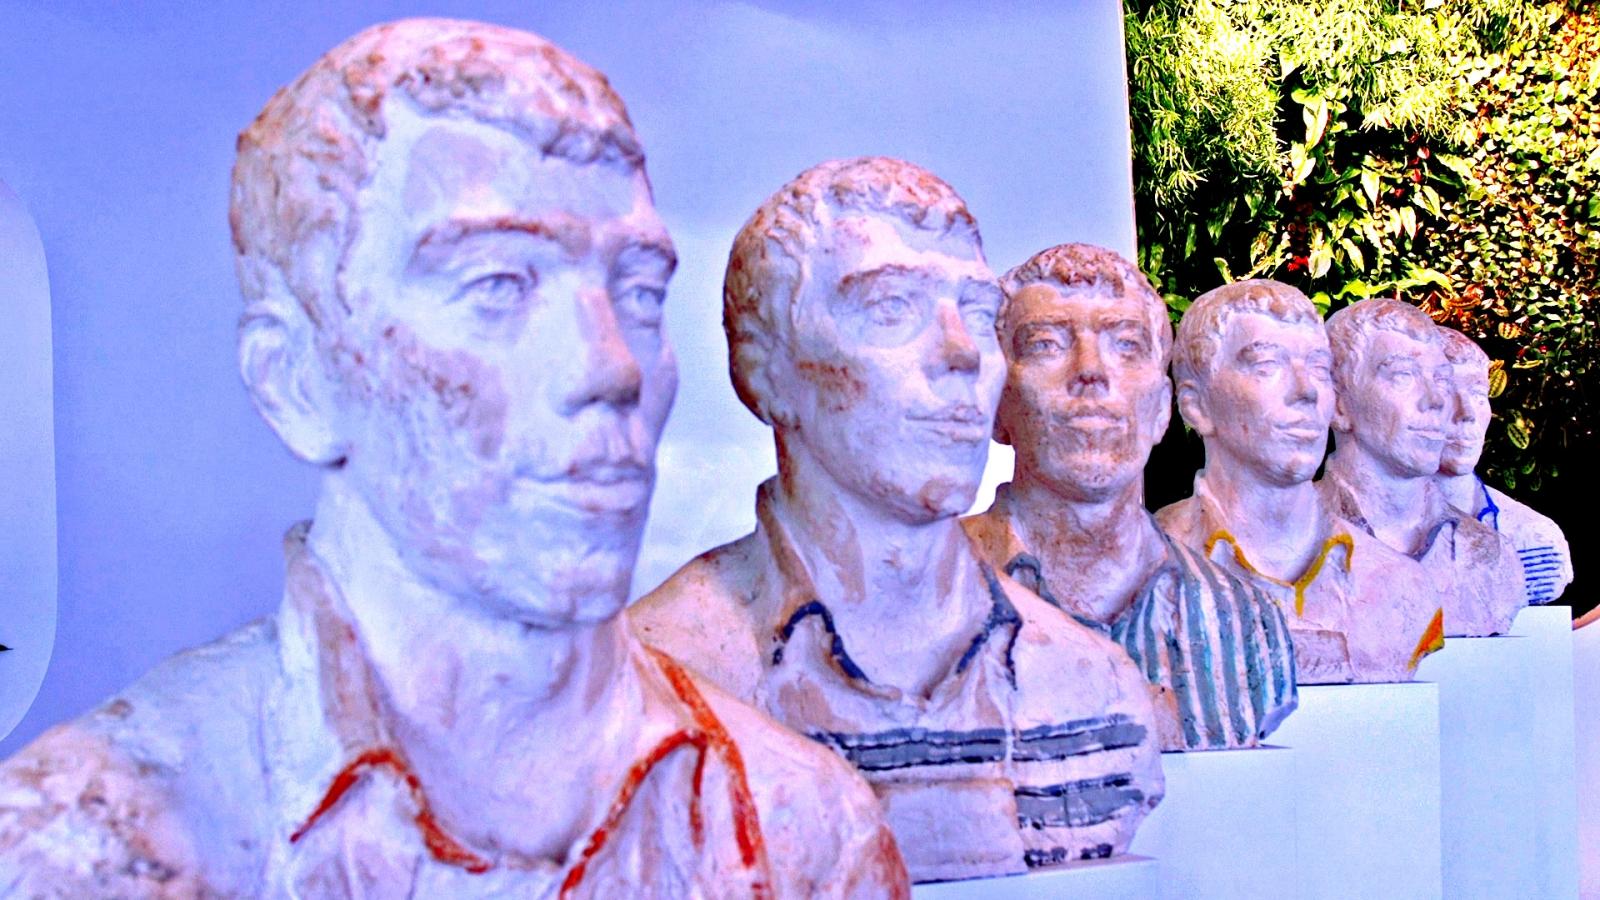 Busts of Yandex co-founder Ilya Segalovich